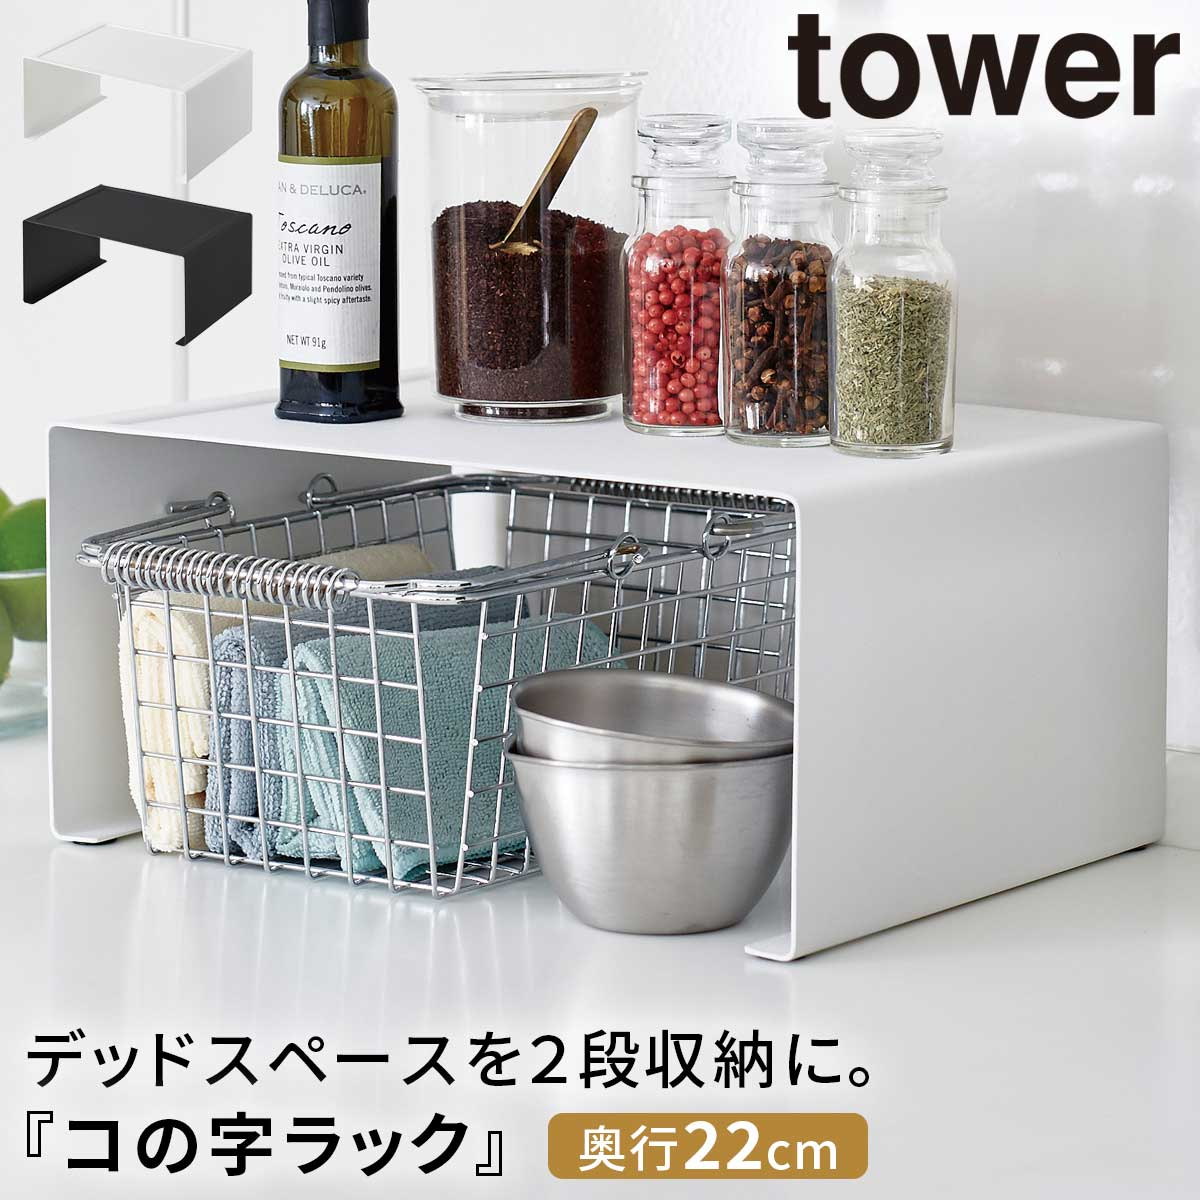 調味料ラック おしゃれ キッチンラック スパイスラック キッチンスチール コの字ラック L TOWER タワー